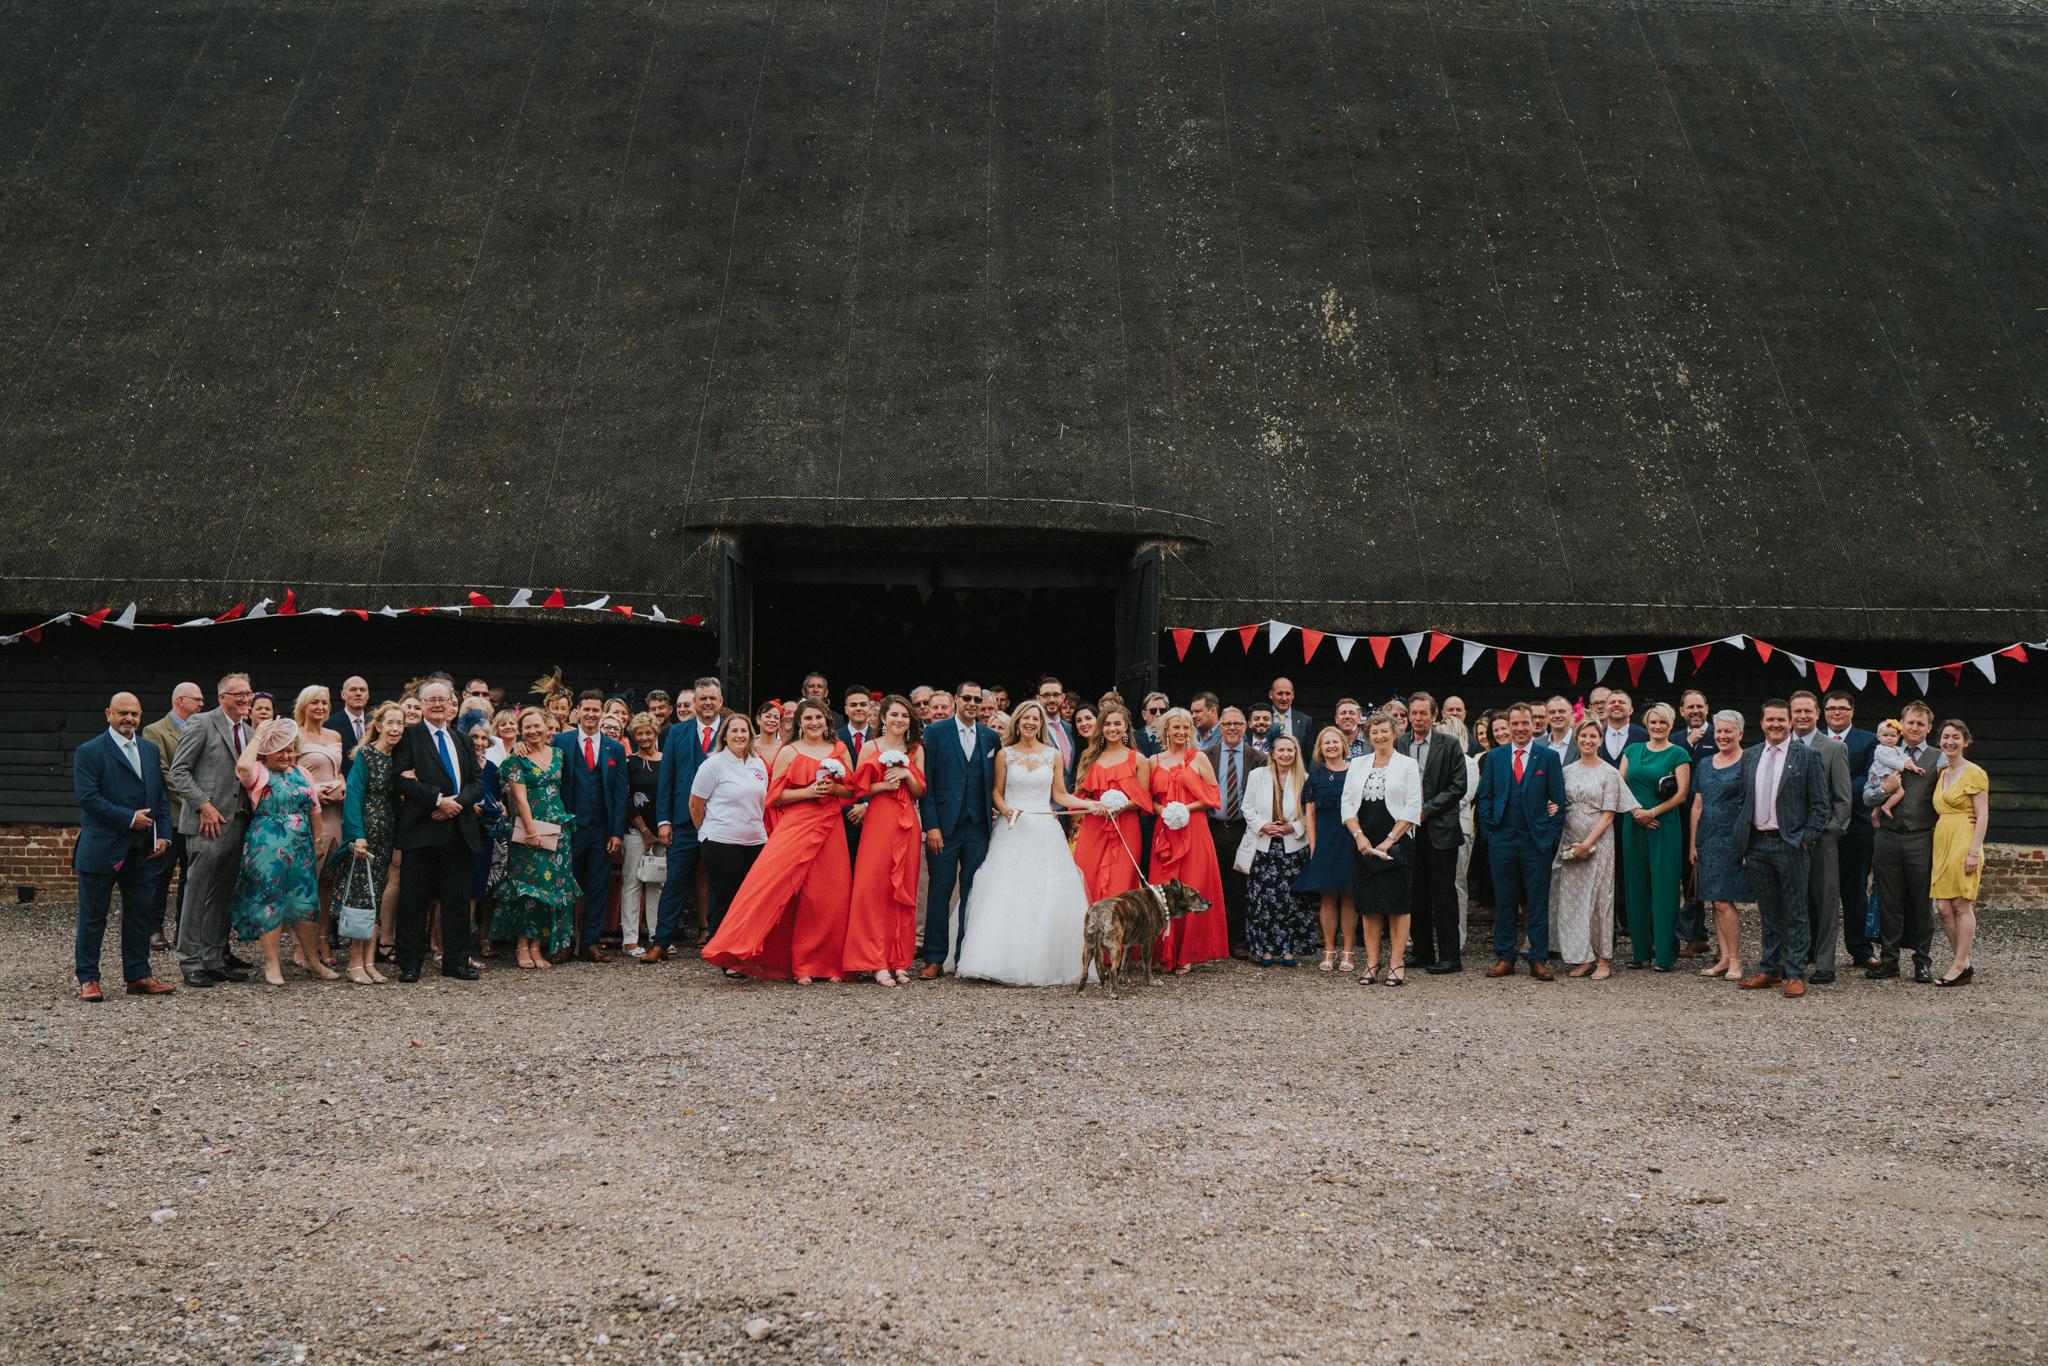 karen-tony-blackthorpe-barn-diy-wedding-grace-elizabeth-colchester-essex-alternative-wedding-lifestyle-photographer-essex-suffolk-norfolk-devon (21 of 35).jpg